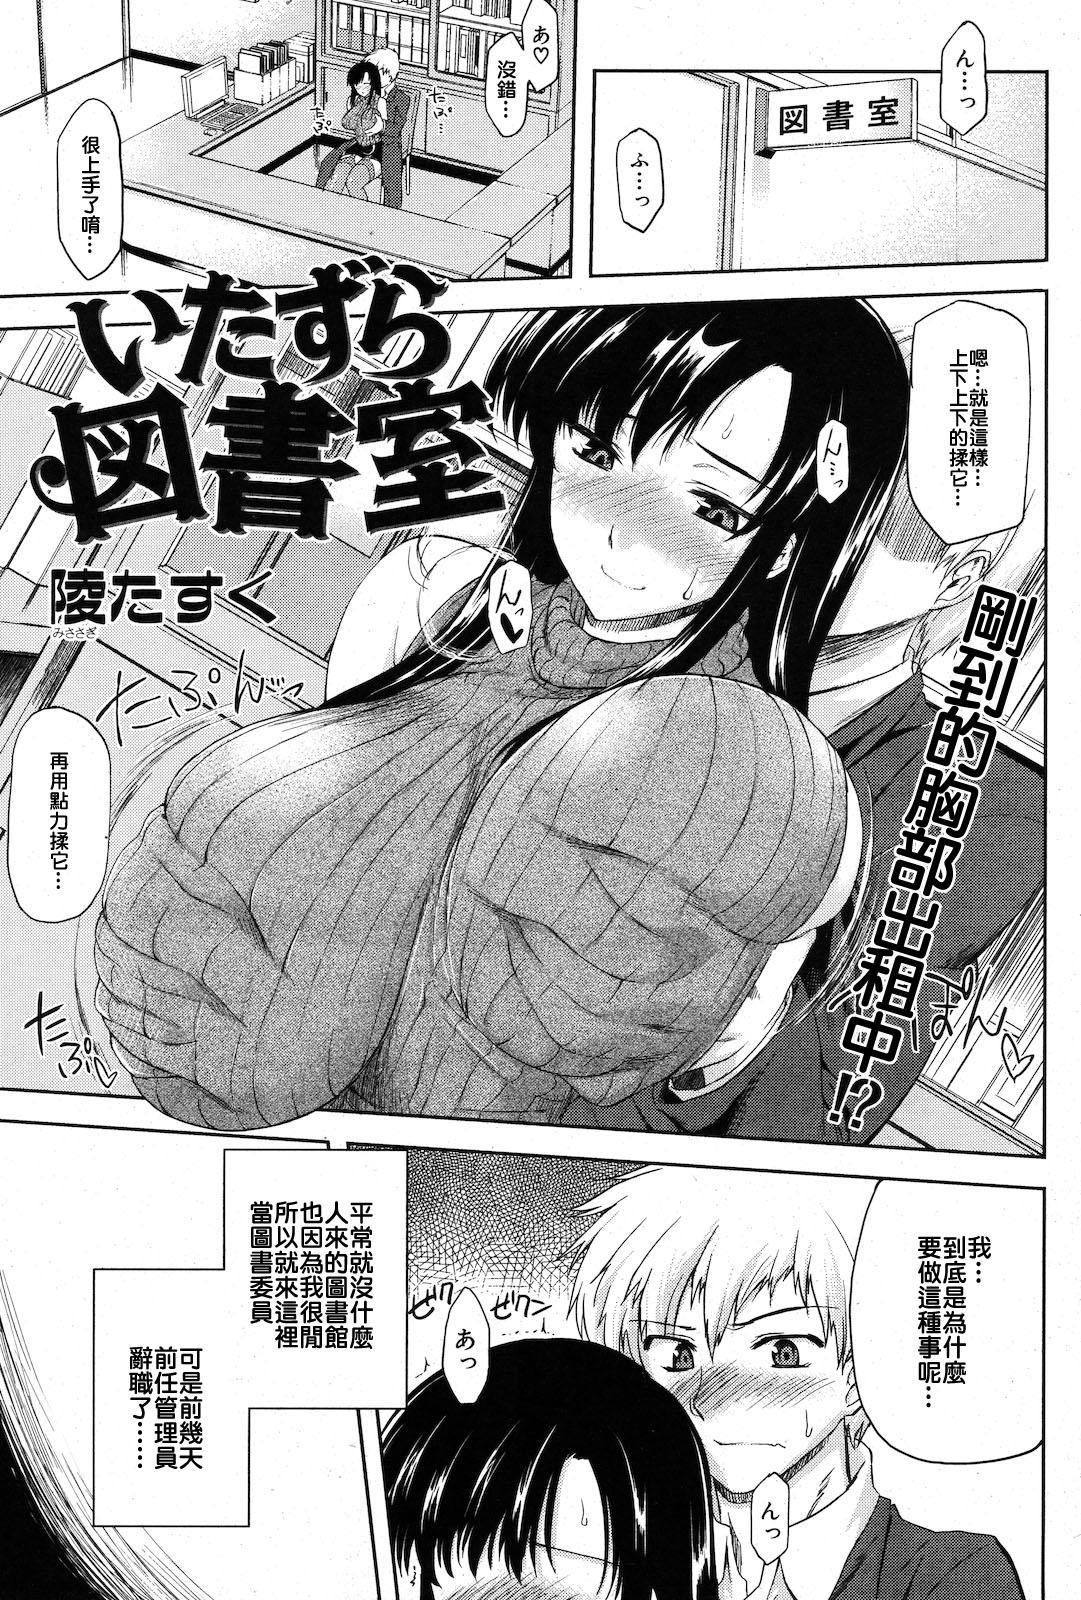 Itazura Toshoshitsu 0